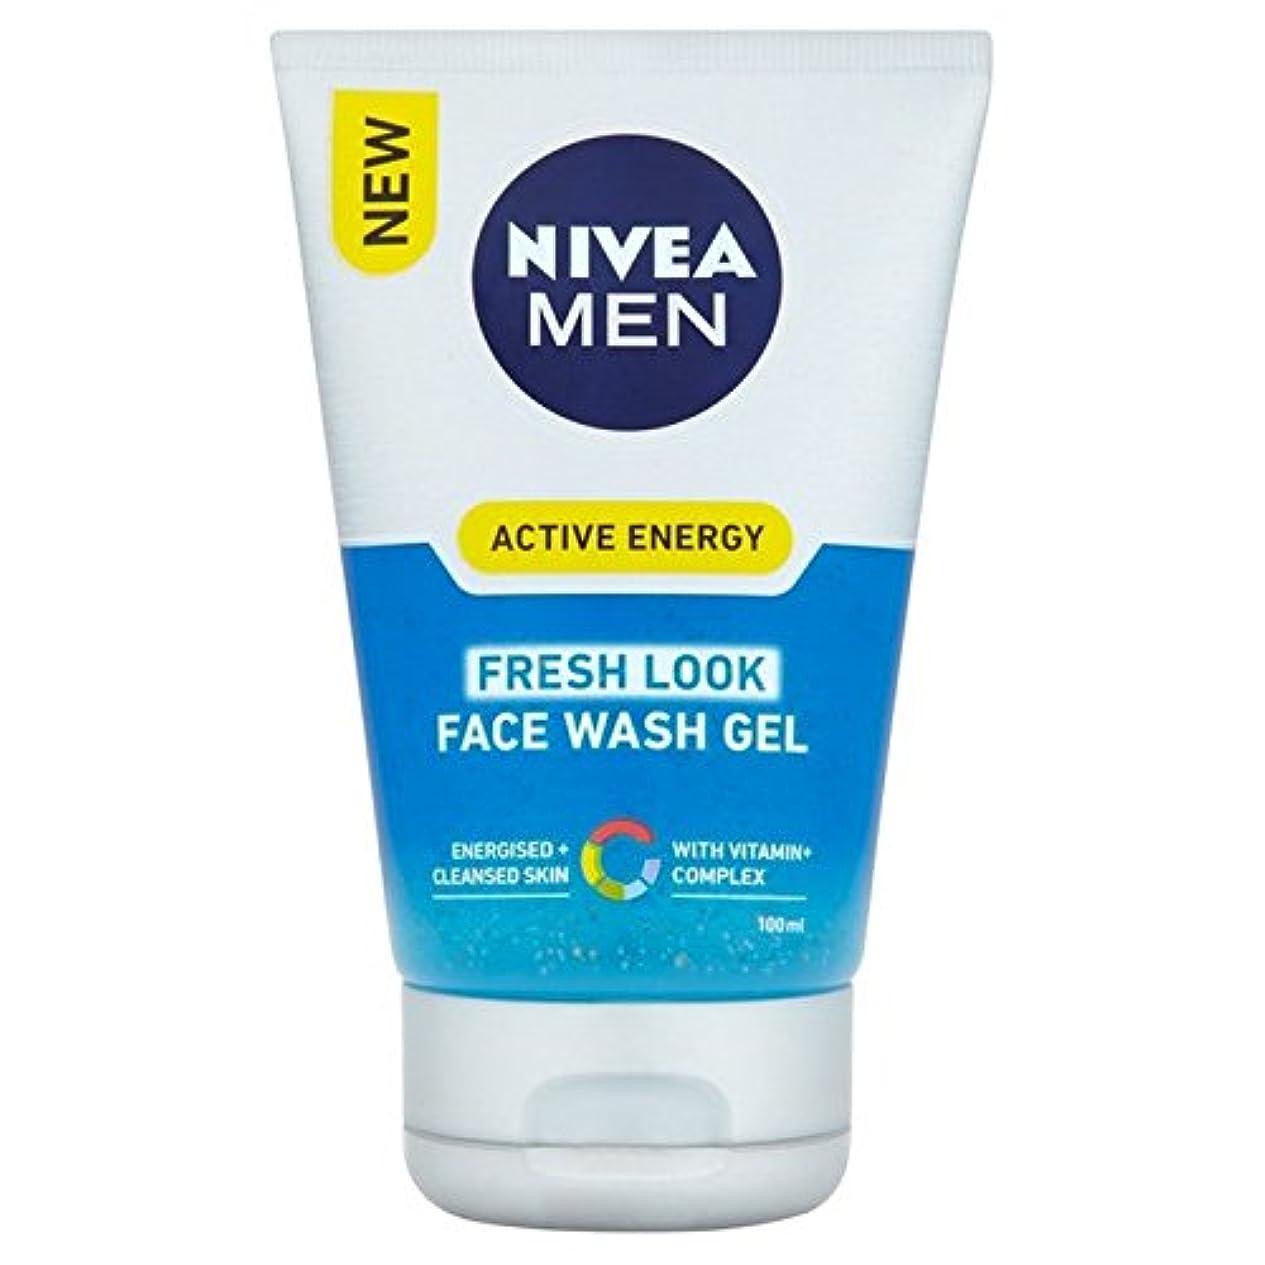 思慮深い偽見積りニベア男性10フェイスウォッシュ100ミリリットル x2 - Nivea Men Q10 Face Wash 100ml (Pack of 2) [並行輸入品]